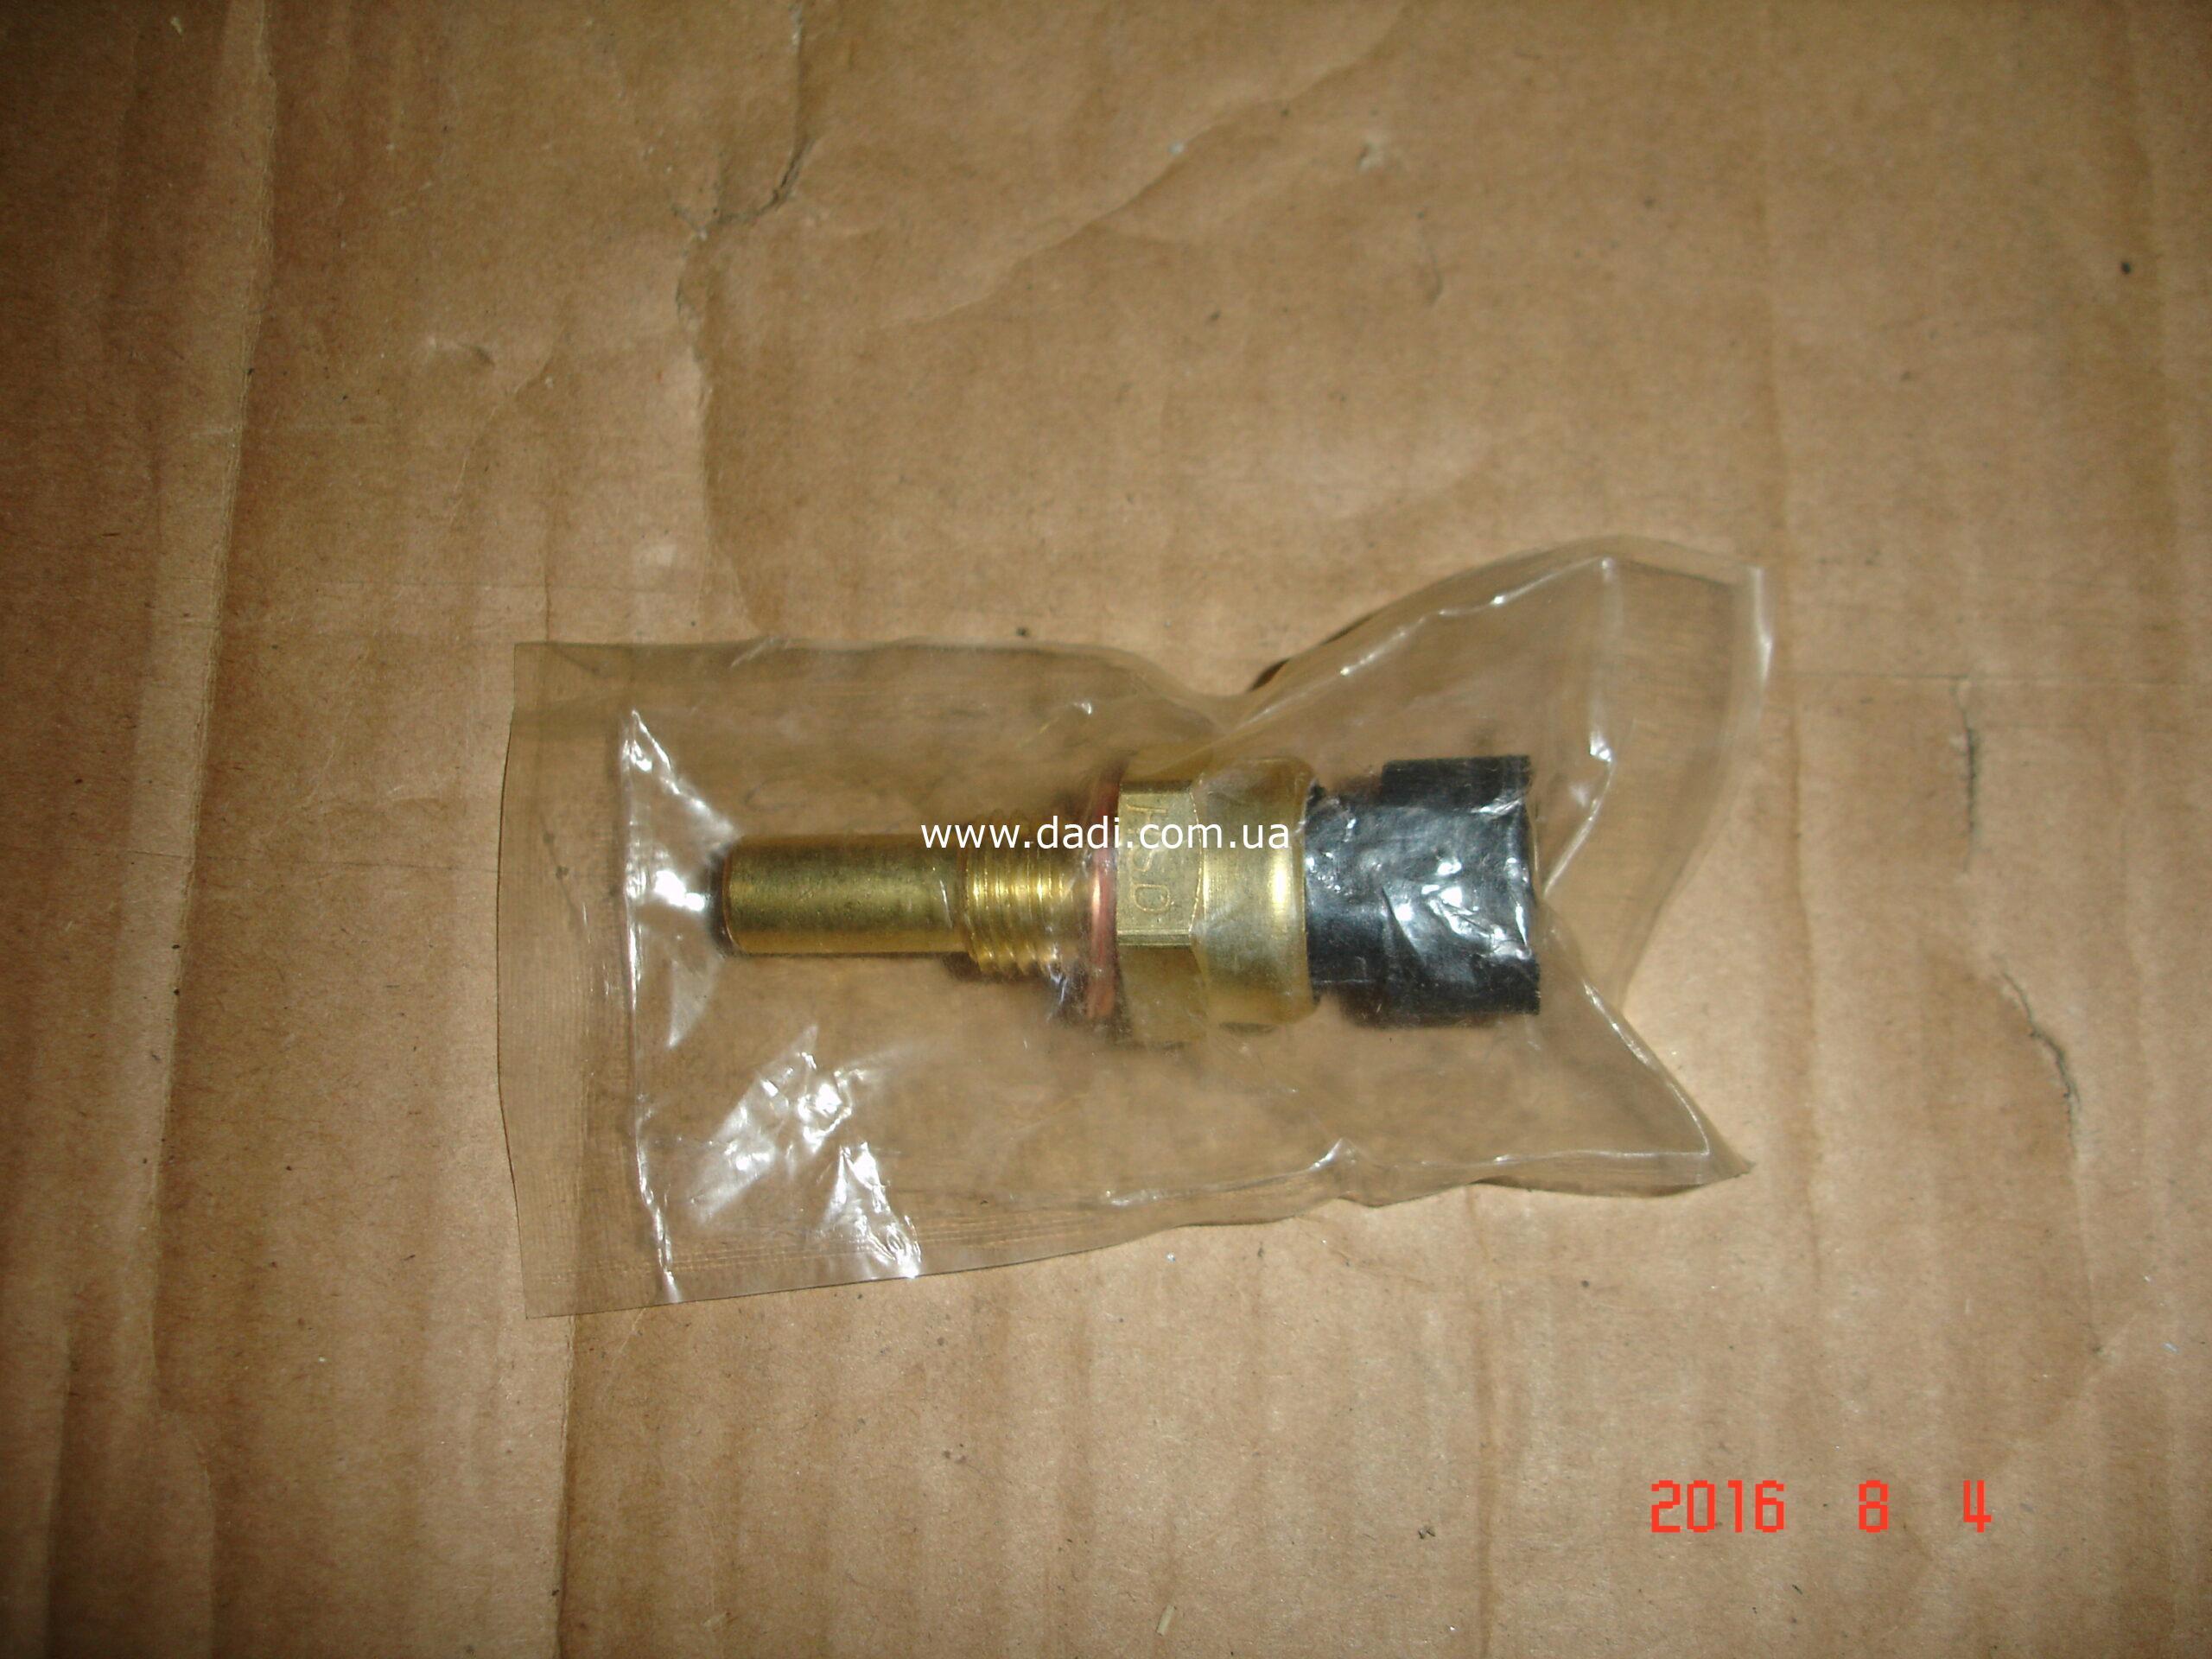 Датчик температури двигуна (вентилятор) / датчик вентилятора-0